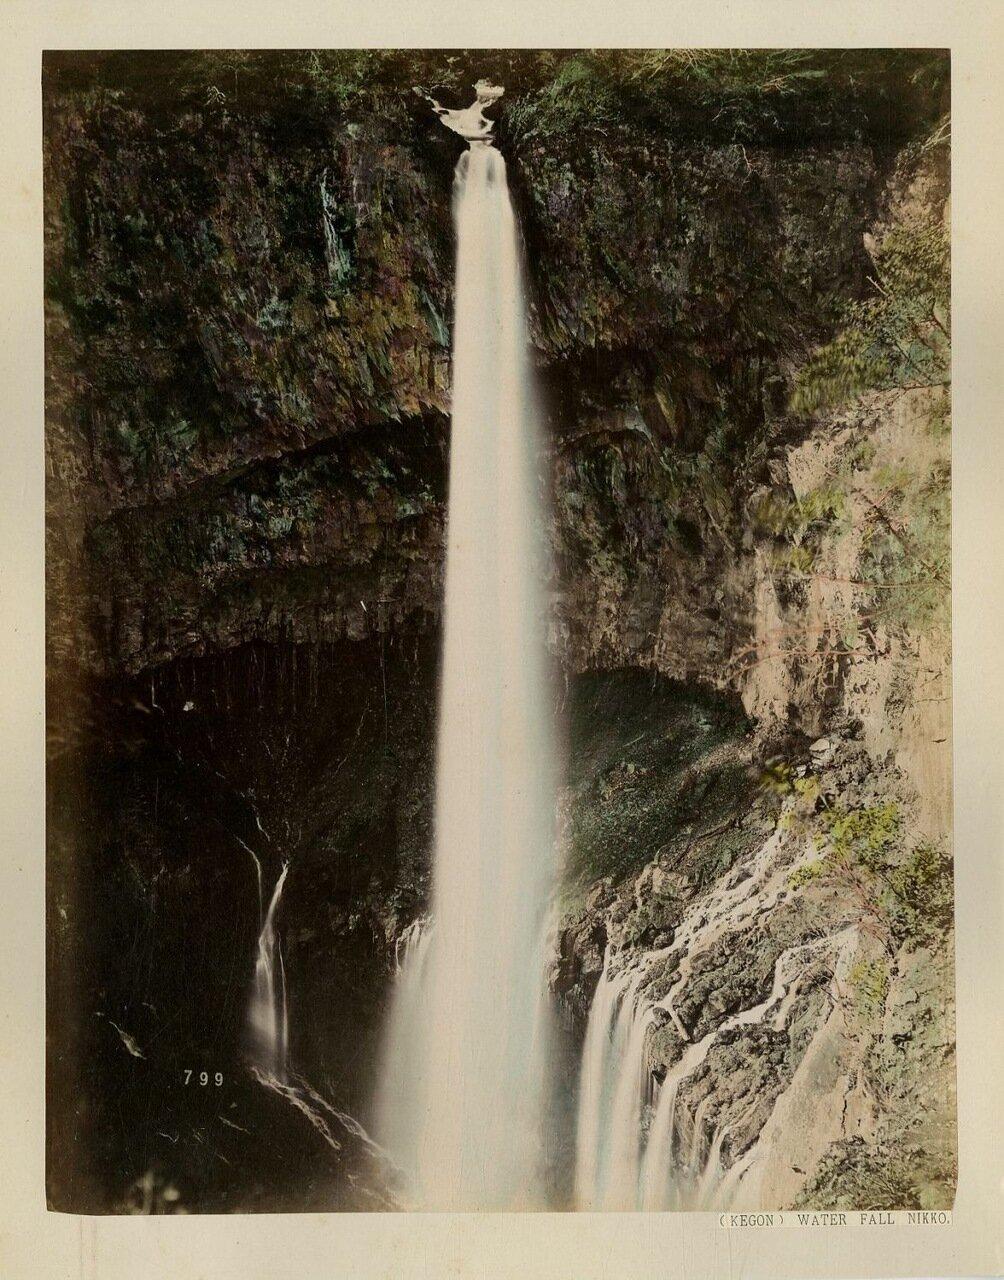 Никко. Окрестности. Водопад Курифури на горе Куроками